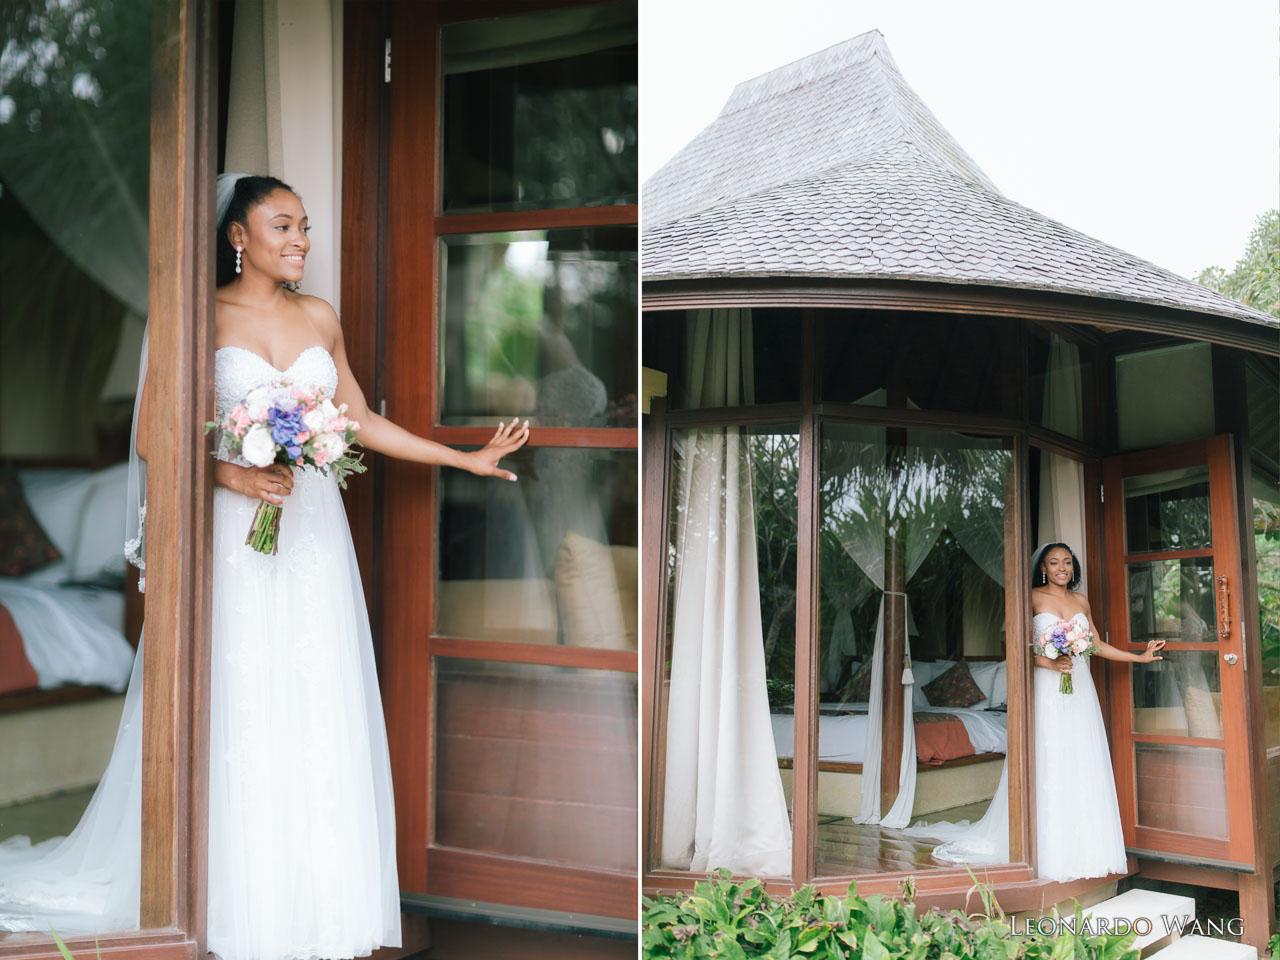 巴厘岛摄影师拍摄的美国大兵的浪漫感人的私人别墅婚礼